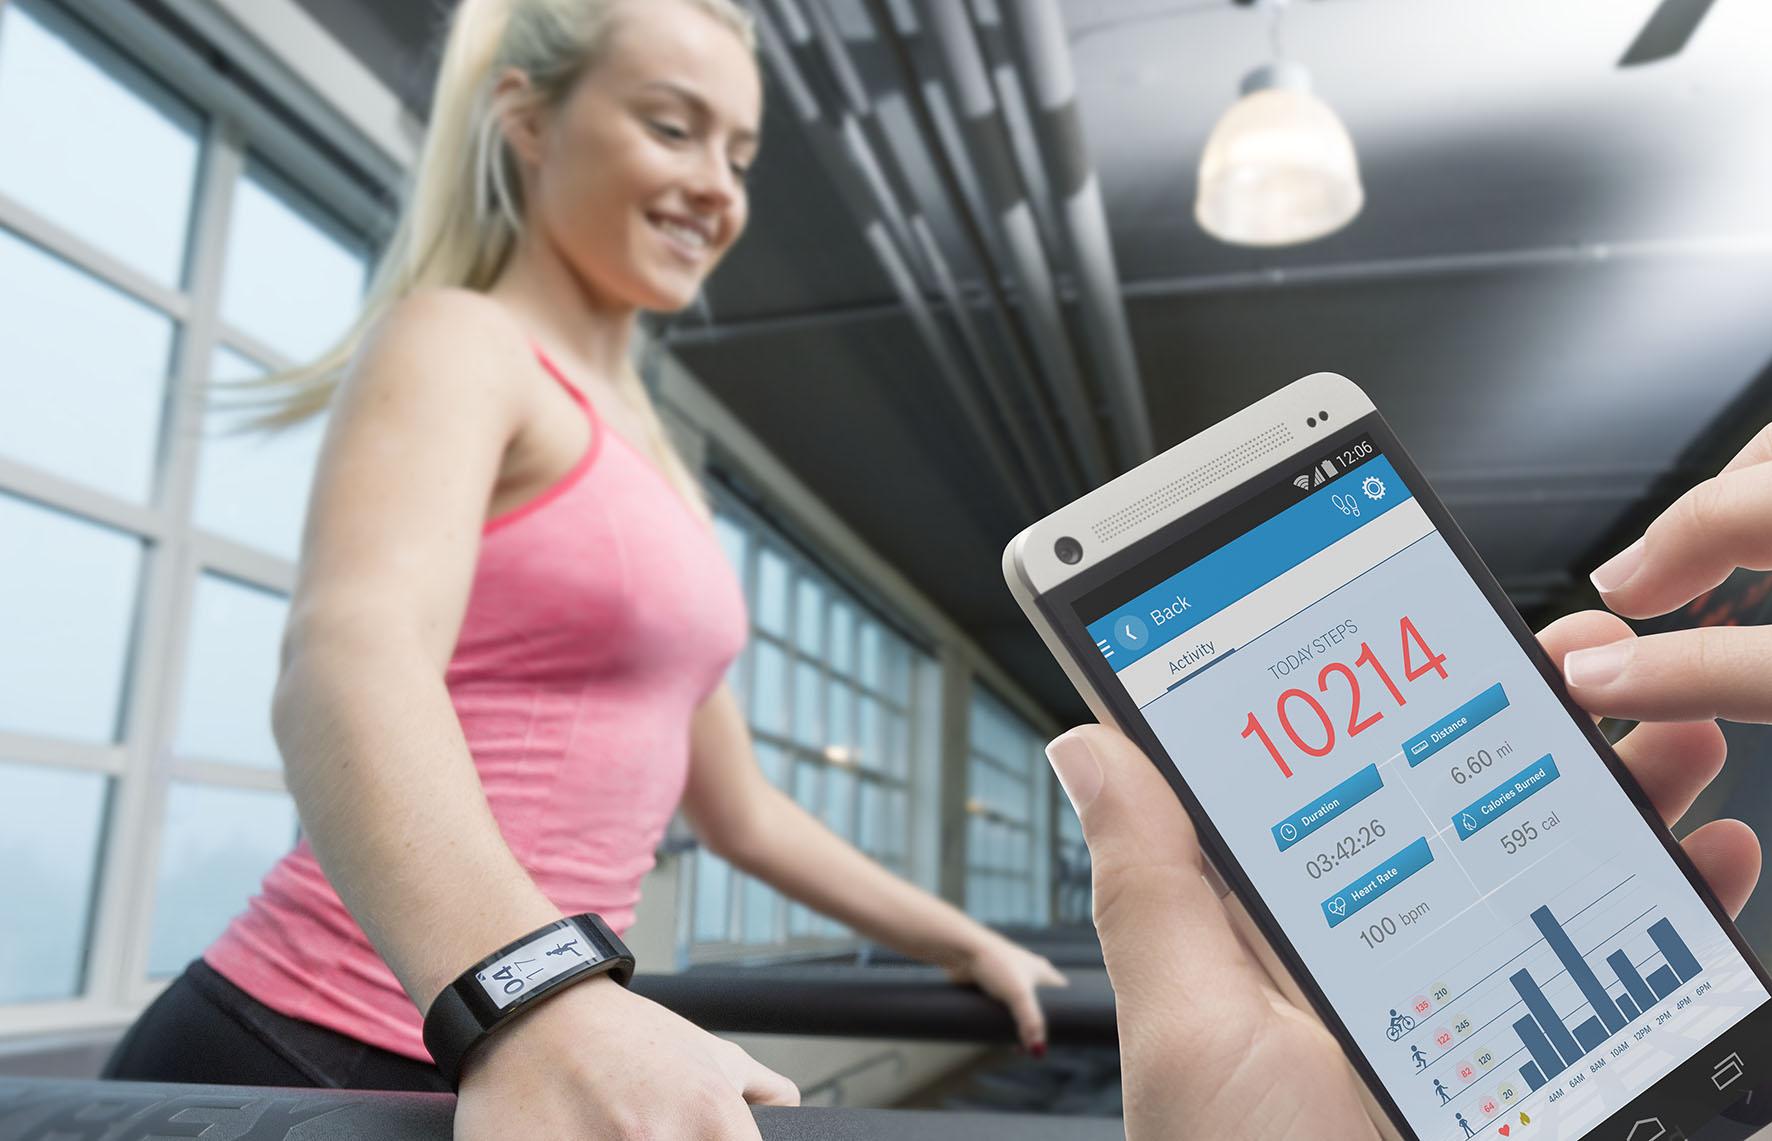 Neue intelligente Beschleunigungssensoren von Bosch Sensortec für künftige Smartphone- und Wearable-Generationen